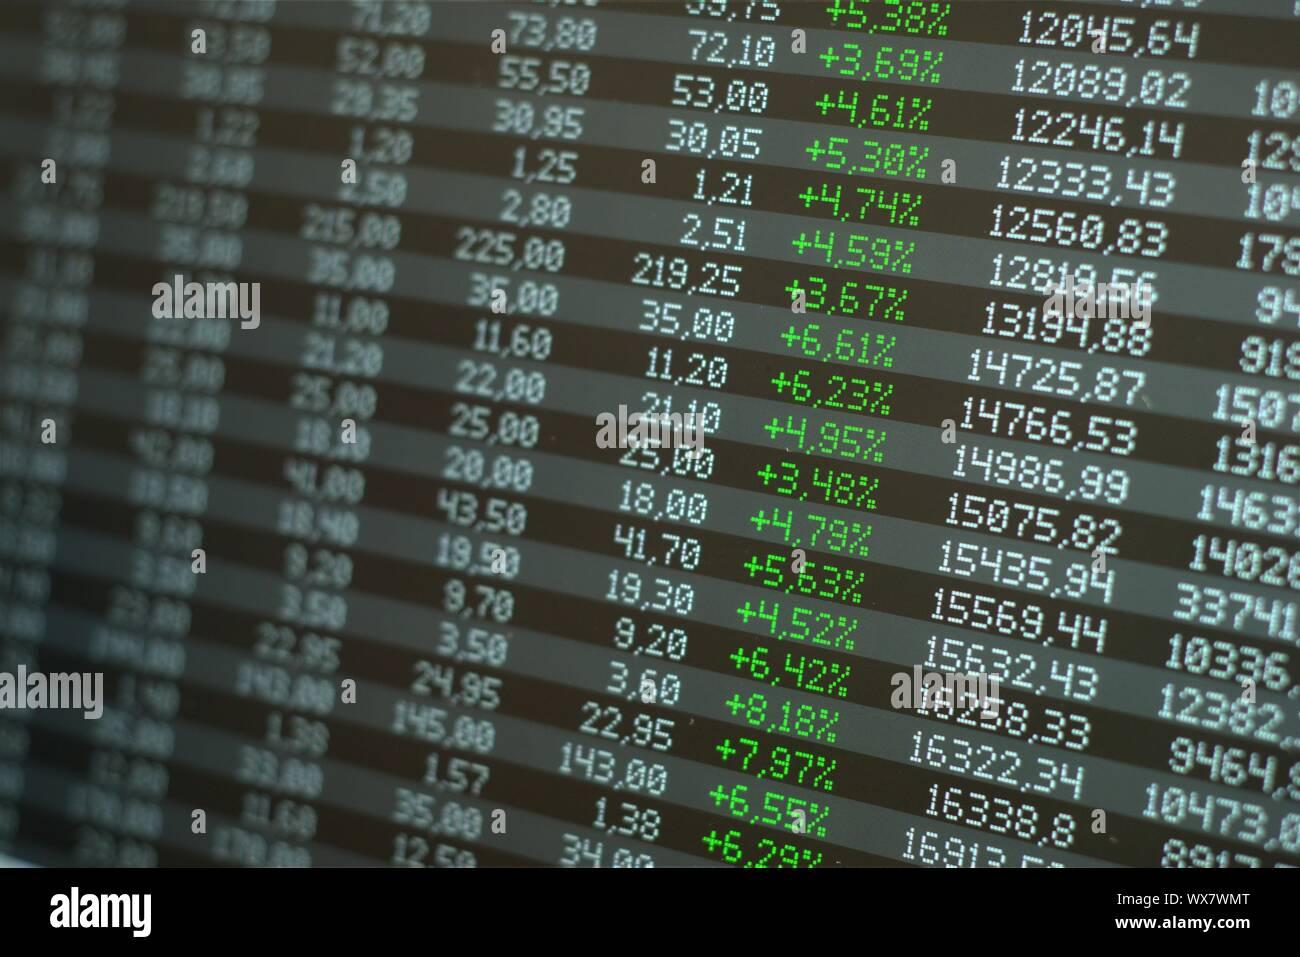 El auge de la bolsa, los precios exorbitantes. Nombres verde a través de la junta. Las ganancias financieras, concepto de beneficio. Foto de stock